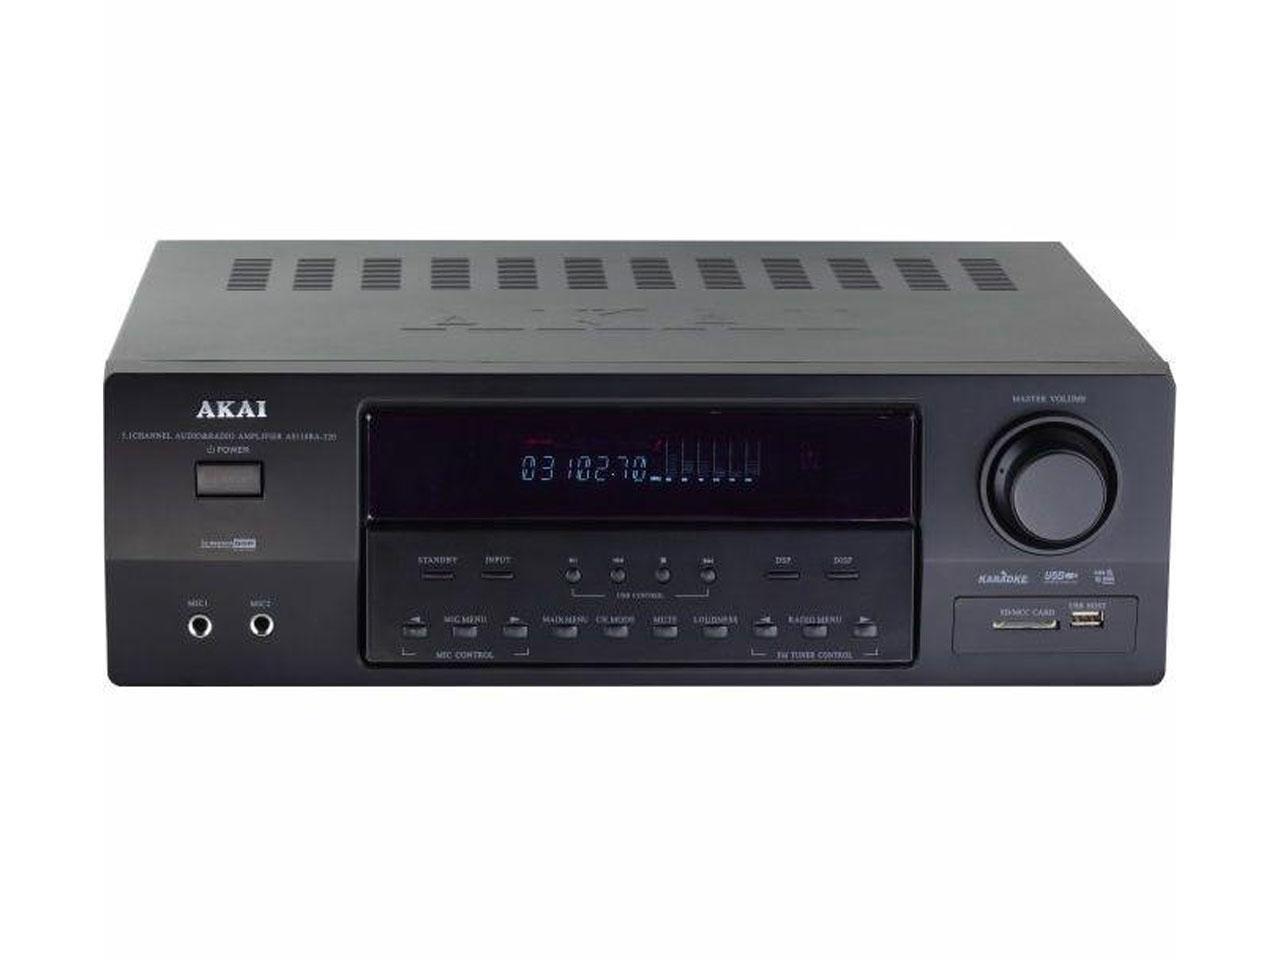 AKAI AS110RA-320